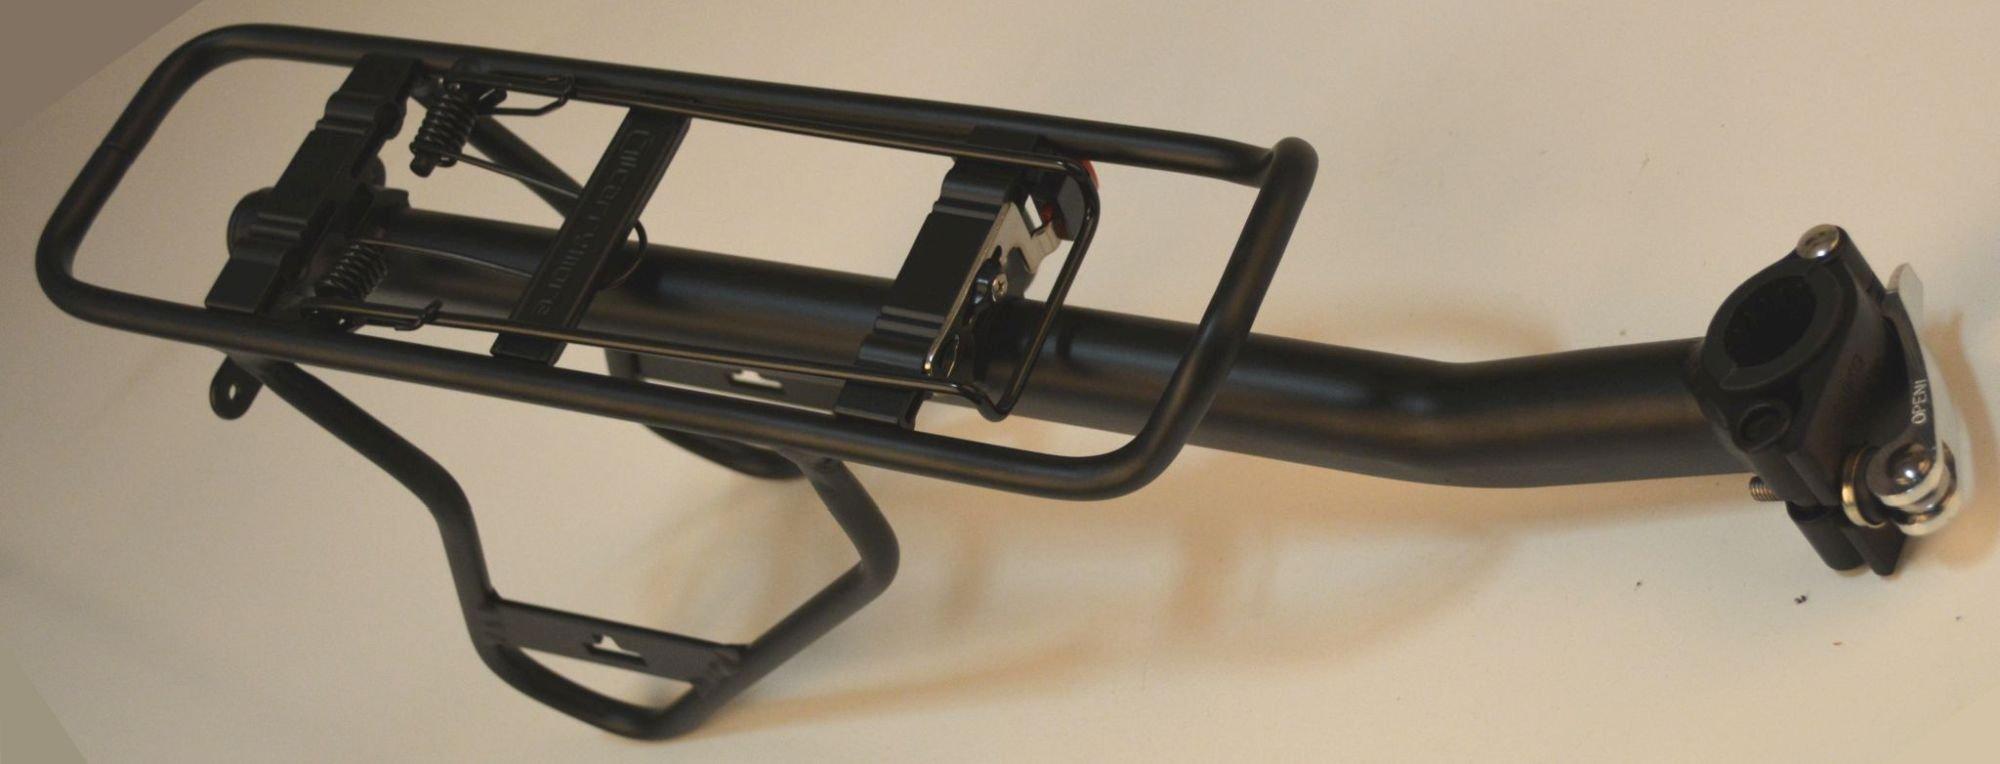 Carrymore i-Rack Sattelstützgepäckträger mit Packtaschenstreben für 26 Zoll, schwarz